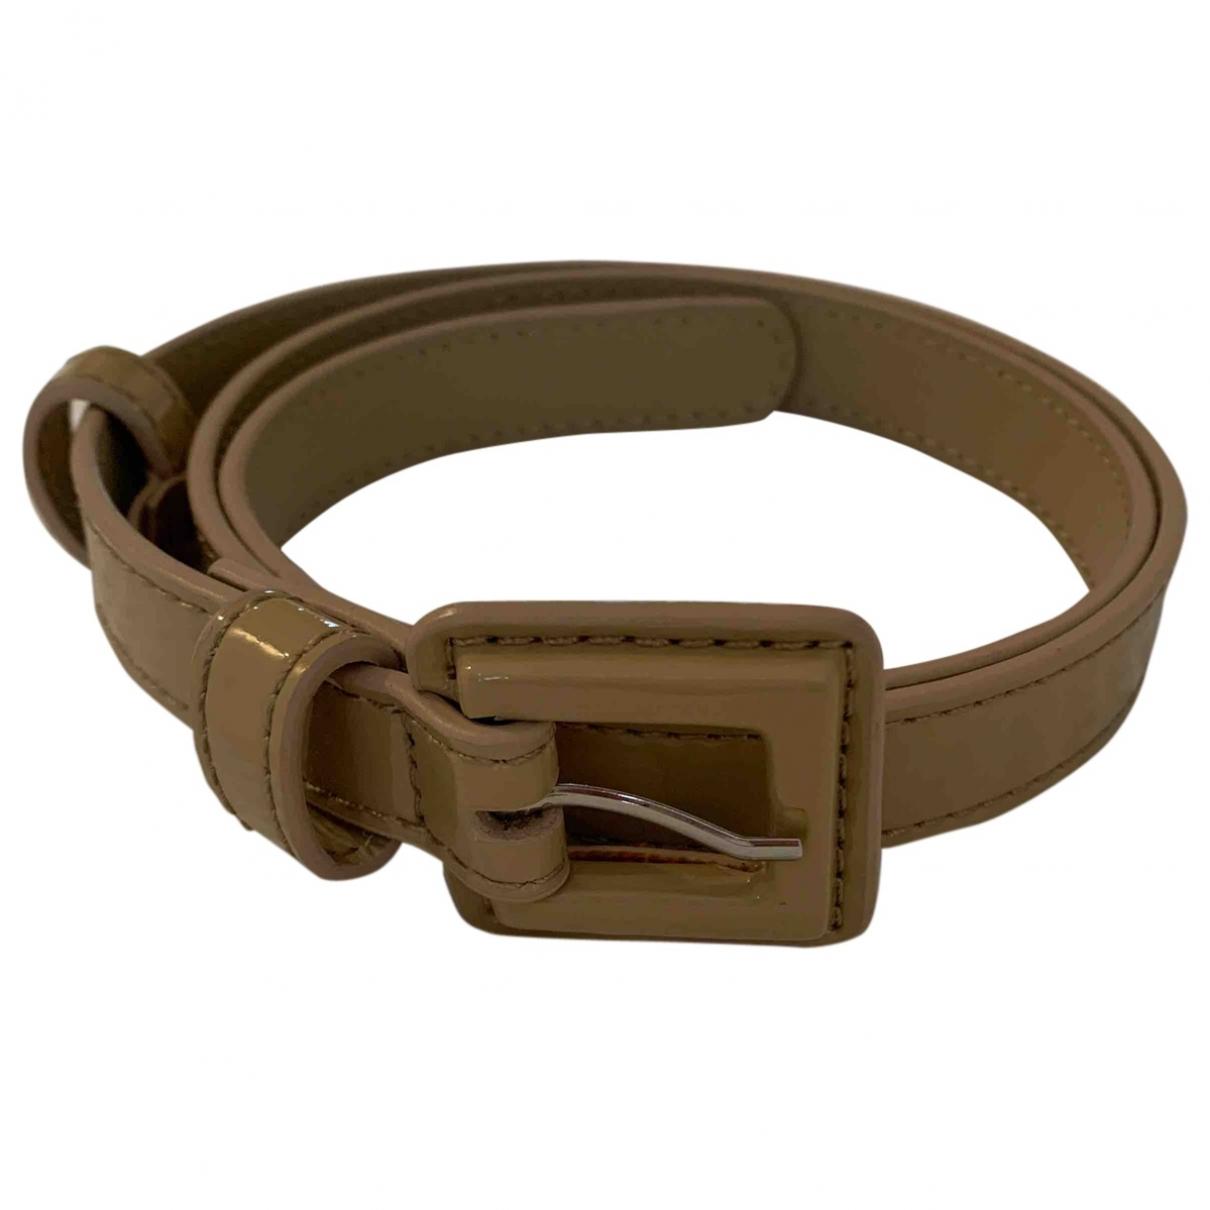 Lk Bennett \N Beige Patent leather belt for Women S International